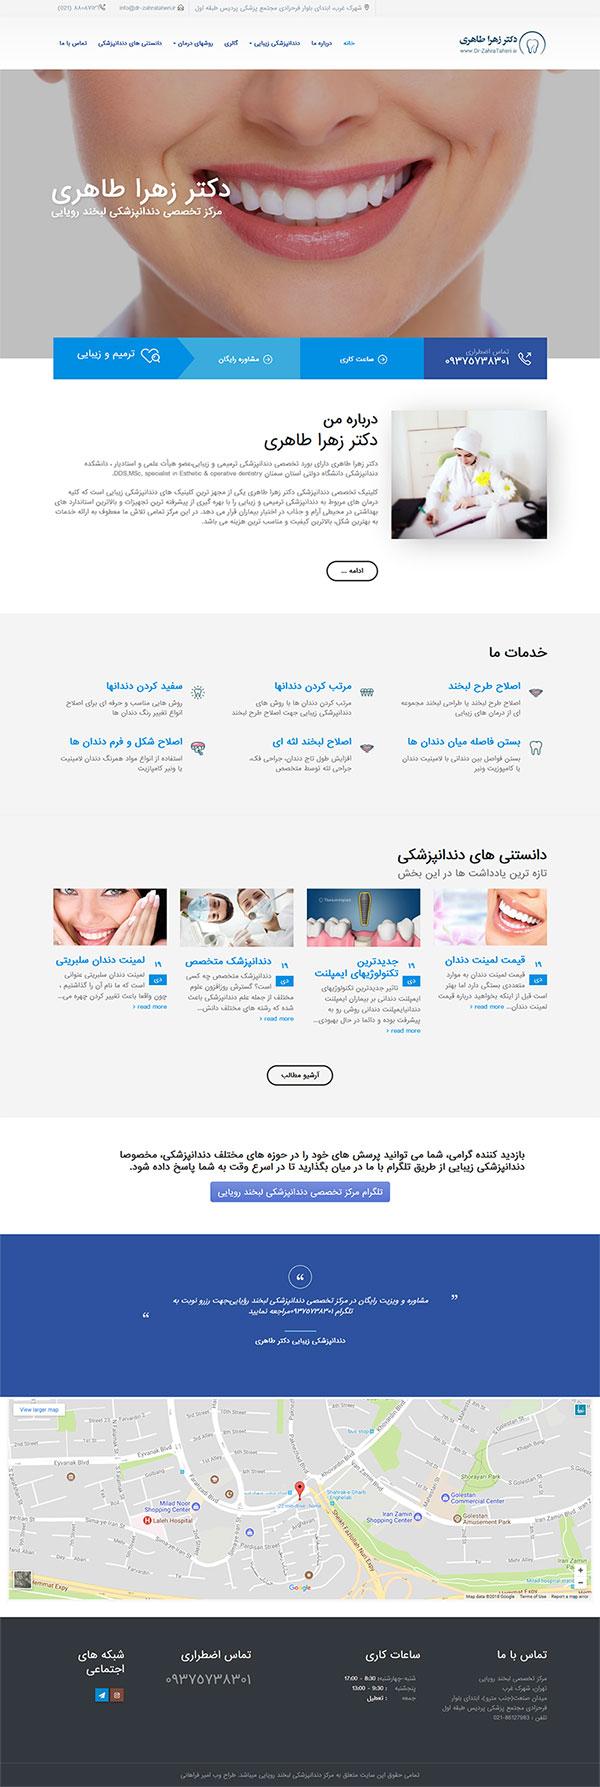 طراحی سایت دندانپزشکی مرکز تخصصی لبخند رویایی دکتر زهرا طاهری